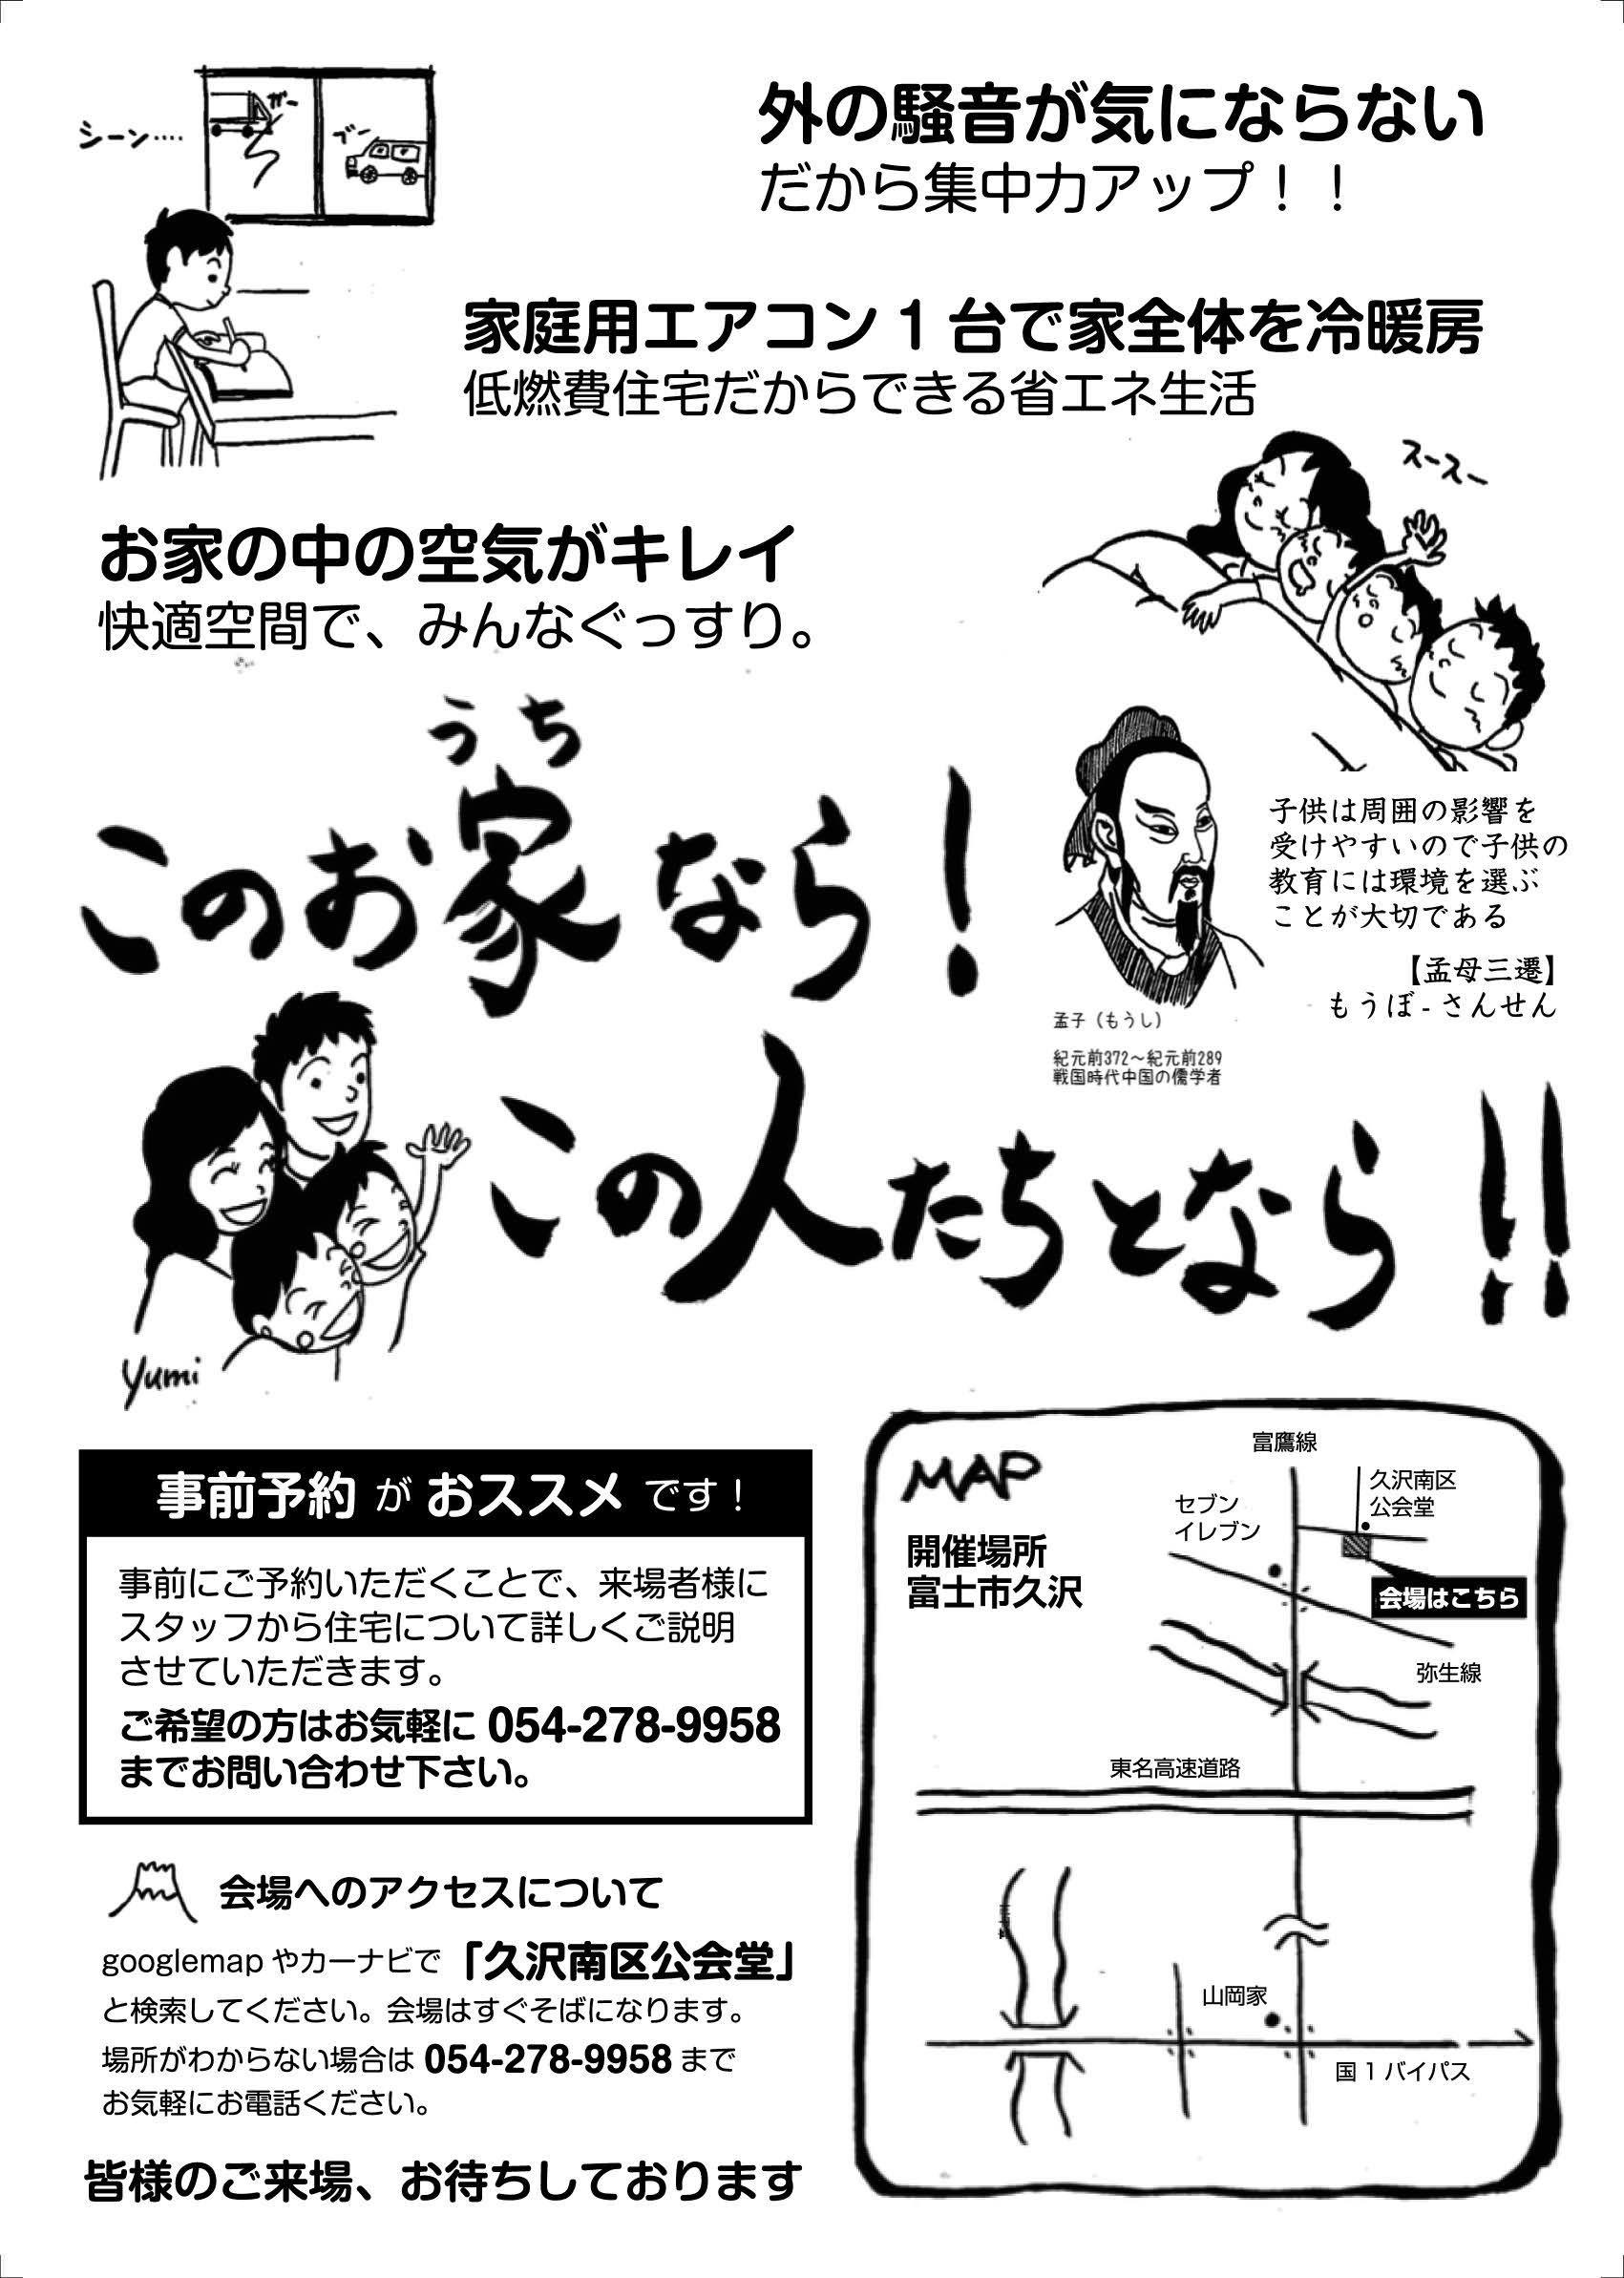 富士市 構造見学会開催_f0047576_14315321.jpg